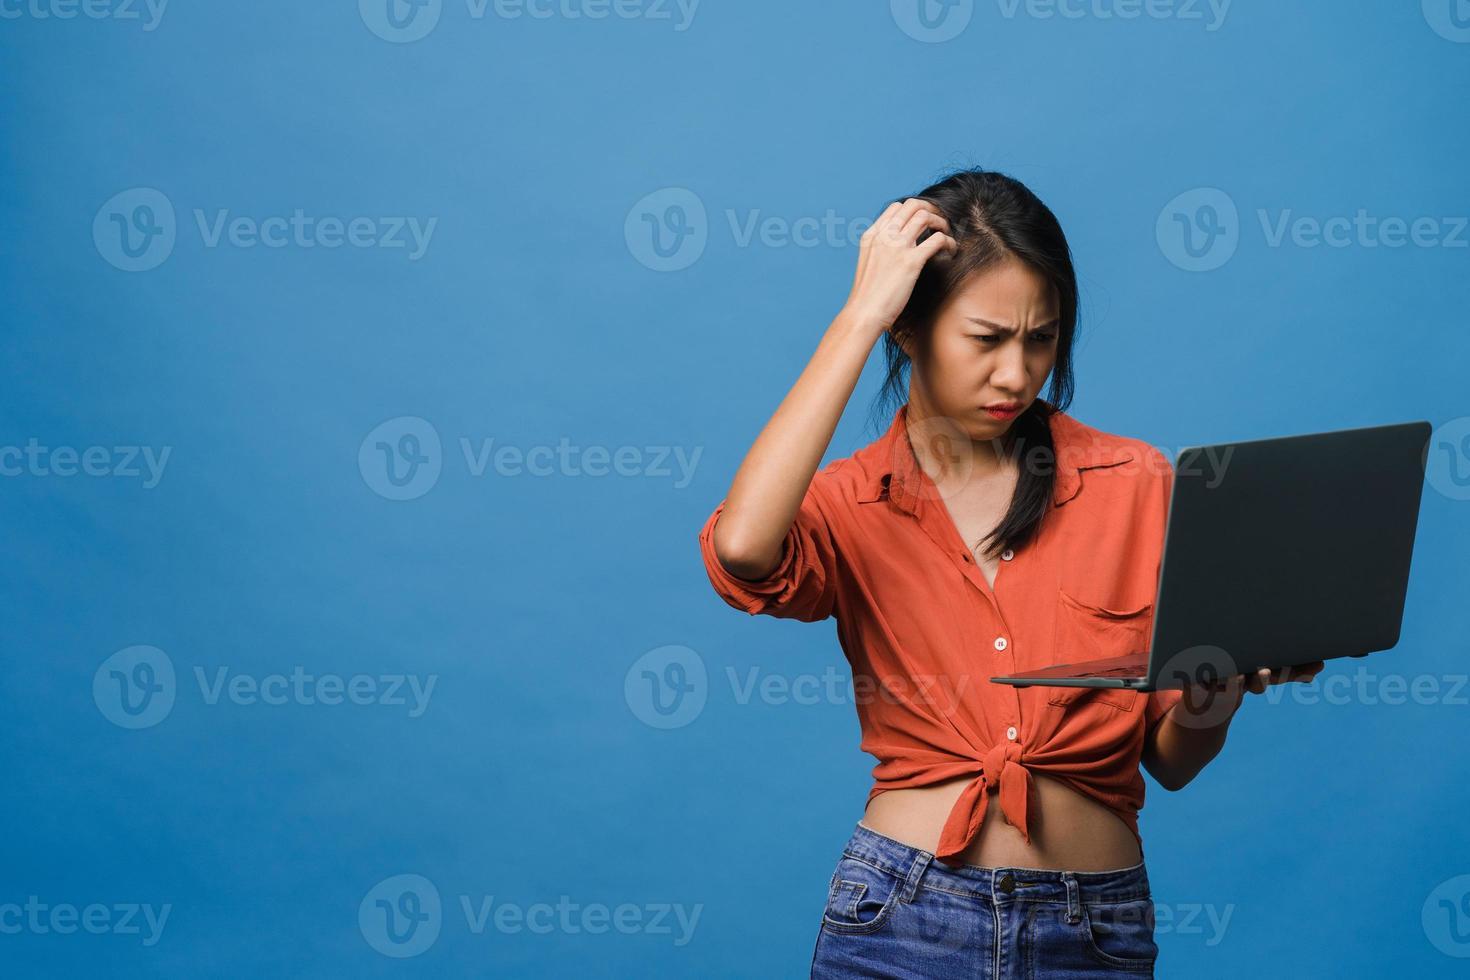 ung asiatisk dam med bärbar dator med negativt uttryck, upphetsad skrik, gråta känslomässigt arg i avslappnad trasa och stå isolerad på blå bakgrund med tomt kopieringsutrymme. ansiktsuttryck koncept. foto